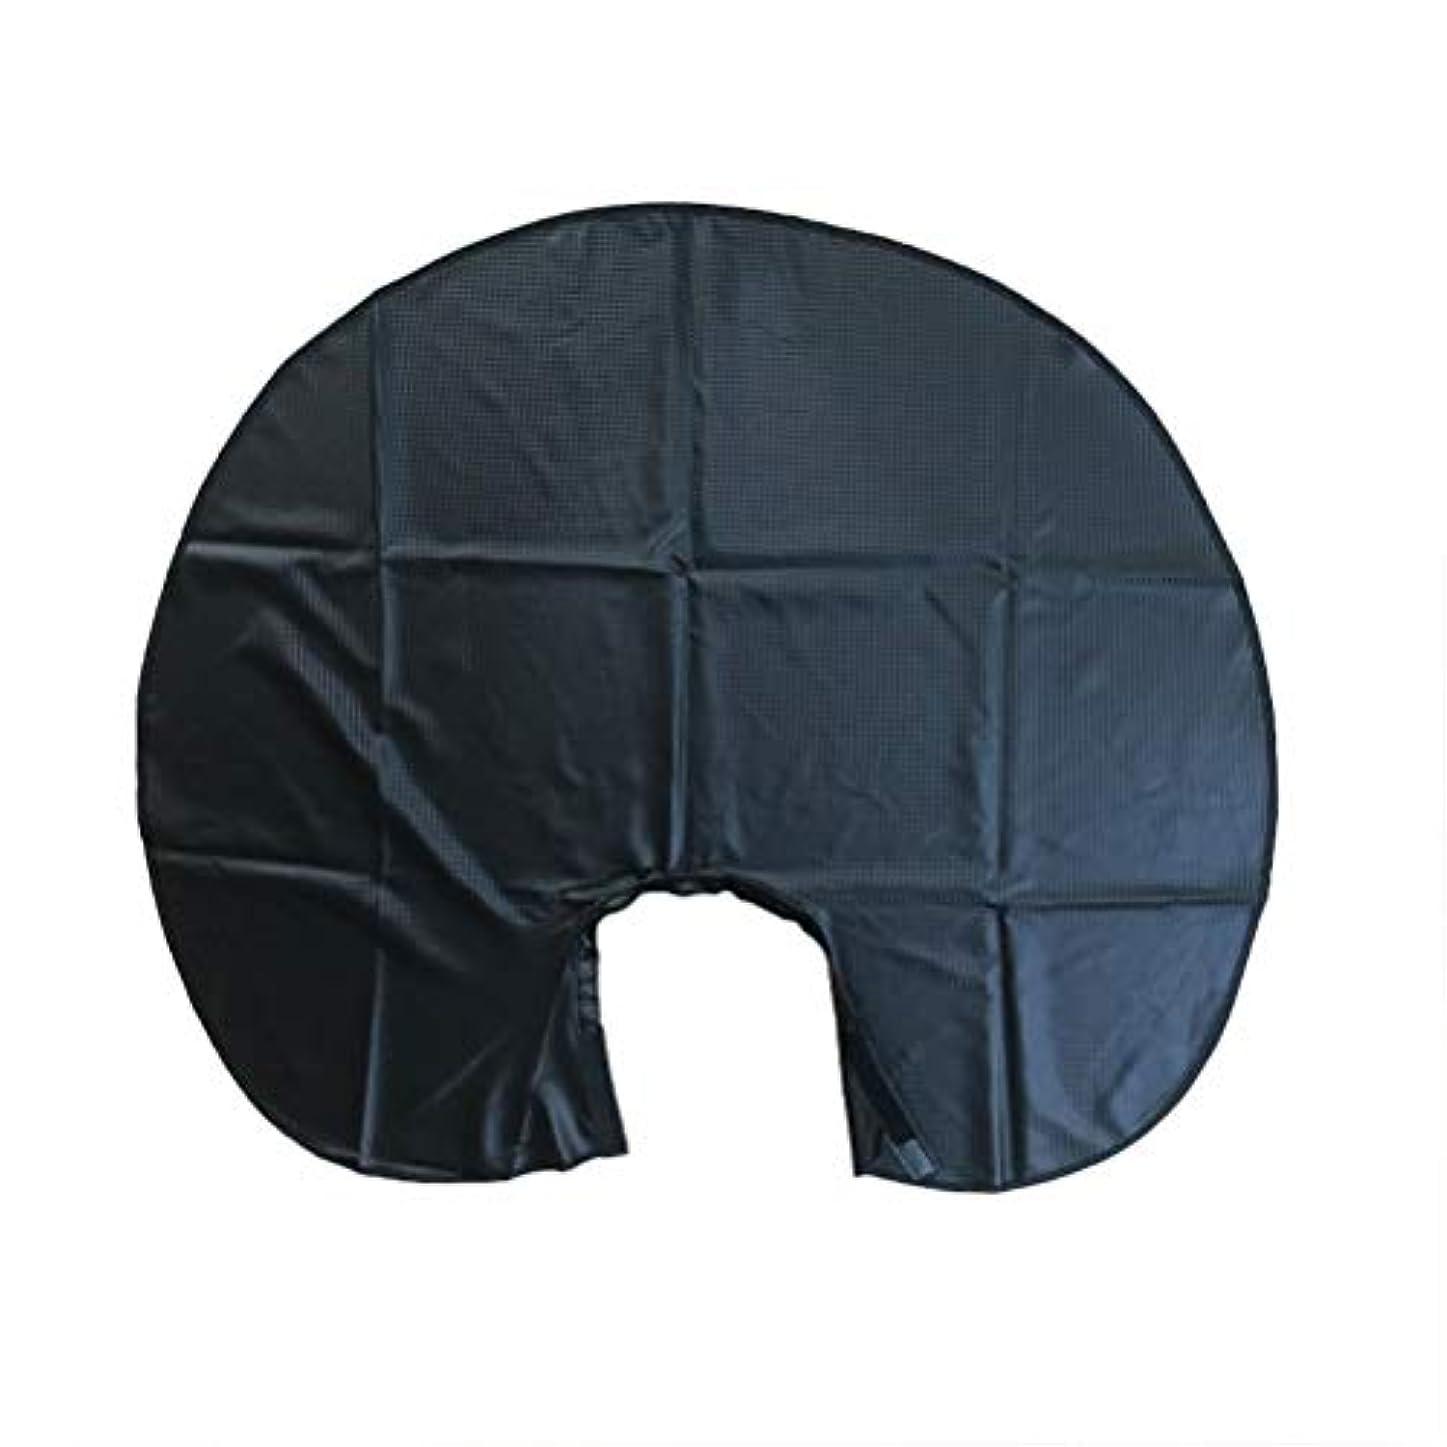 グリース強調するリラックスBeaupretty 1ピースヘアサロン切断エプロン防水ショートヘアケープケープ理髪店のドレス用理髪スタイリング